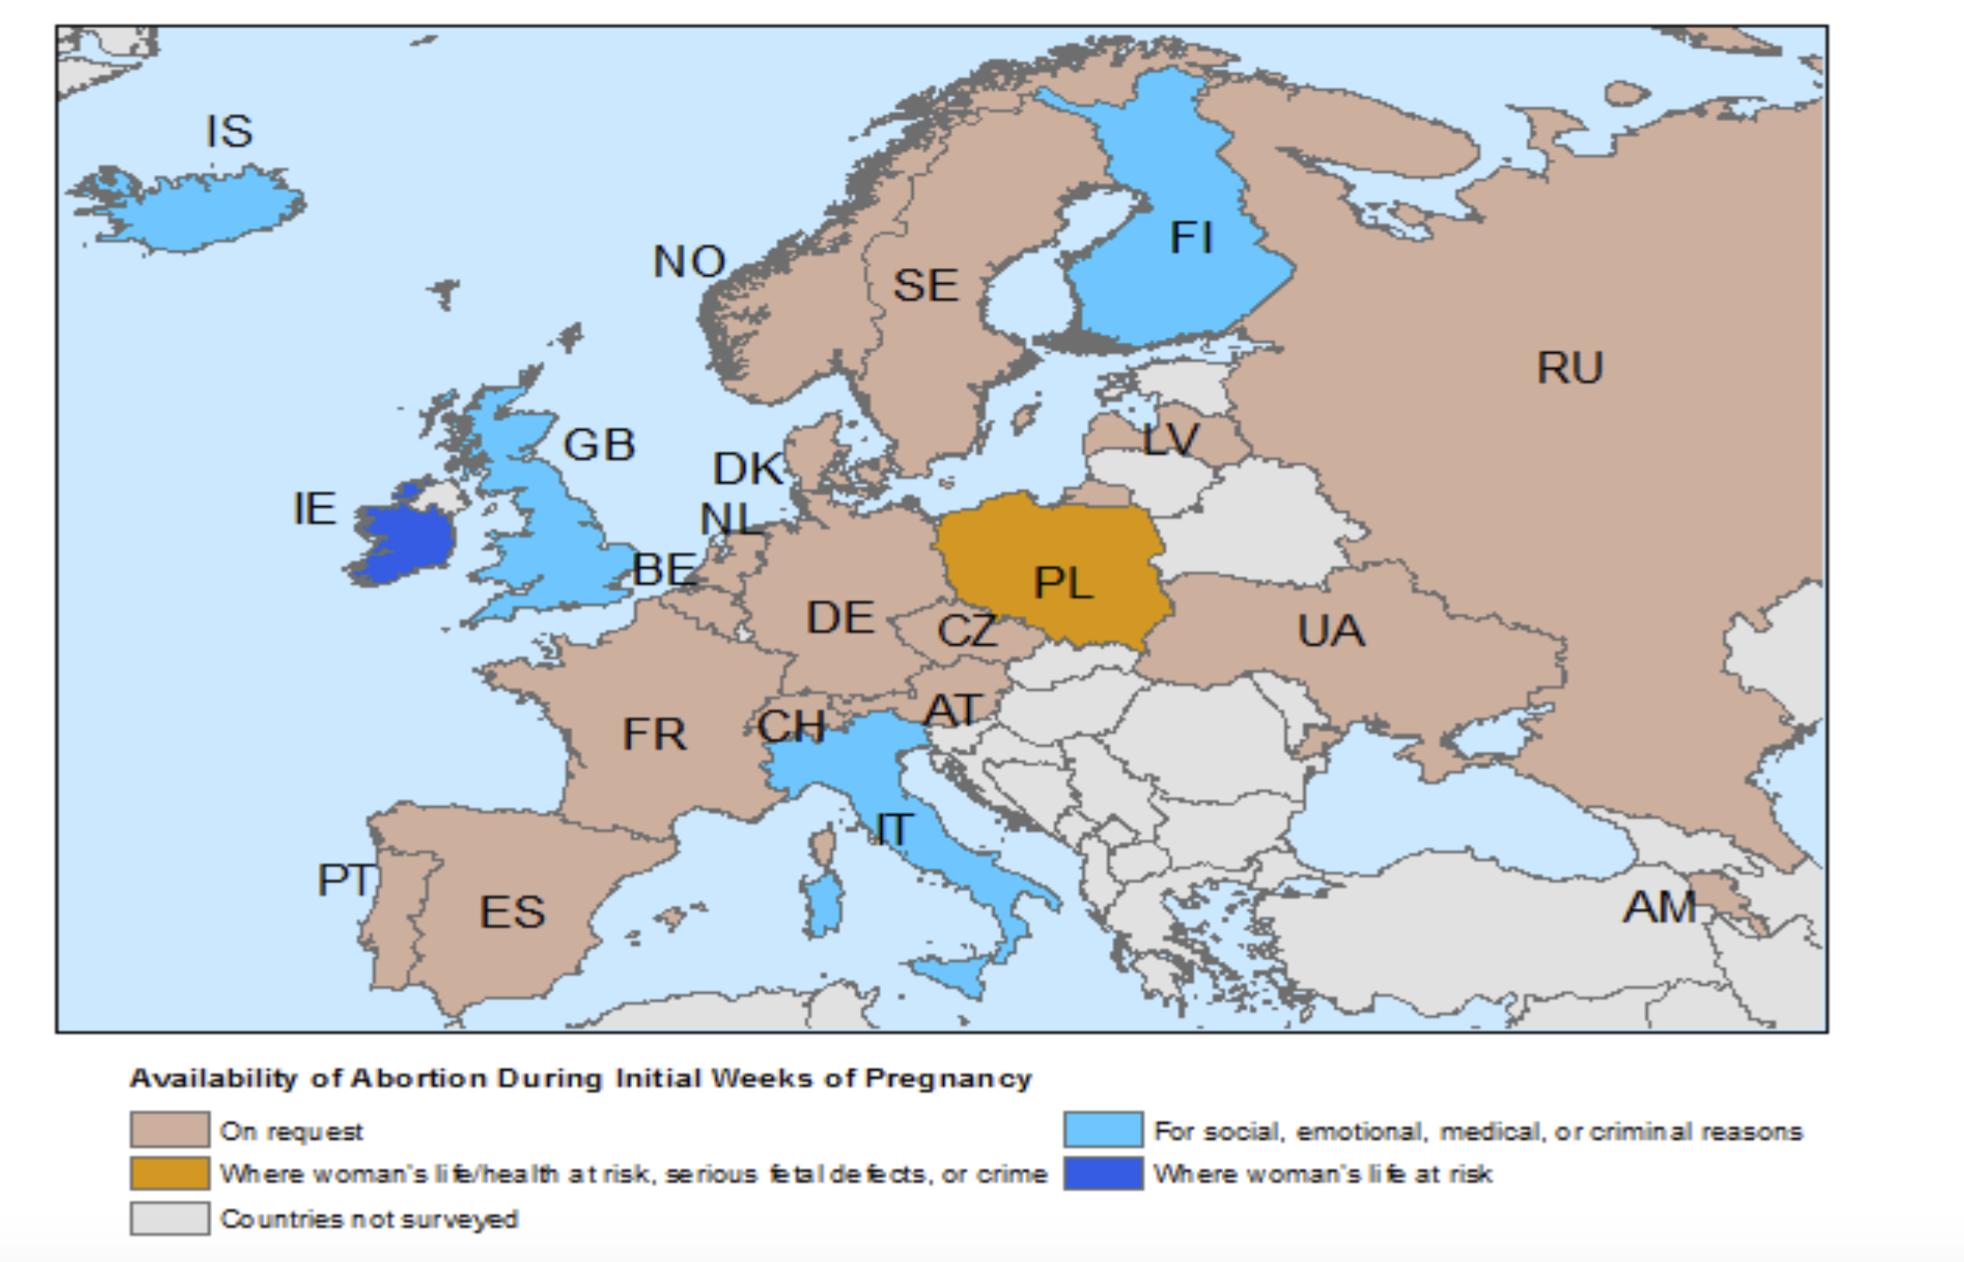 Il Diritto Allaborto In Europa La Situazione Negli Stati Membri